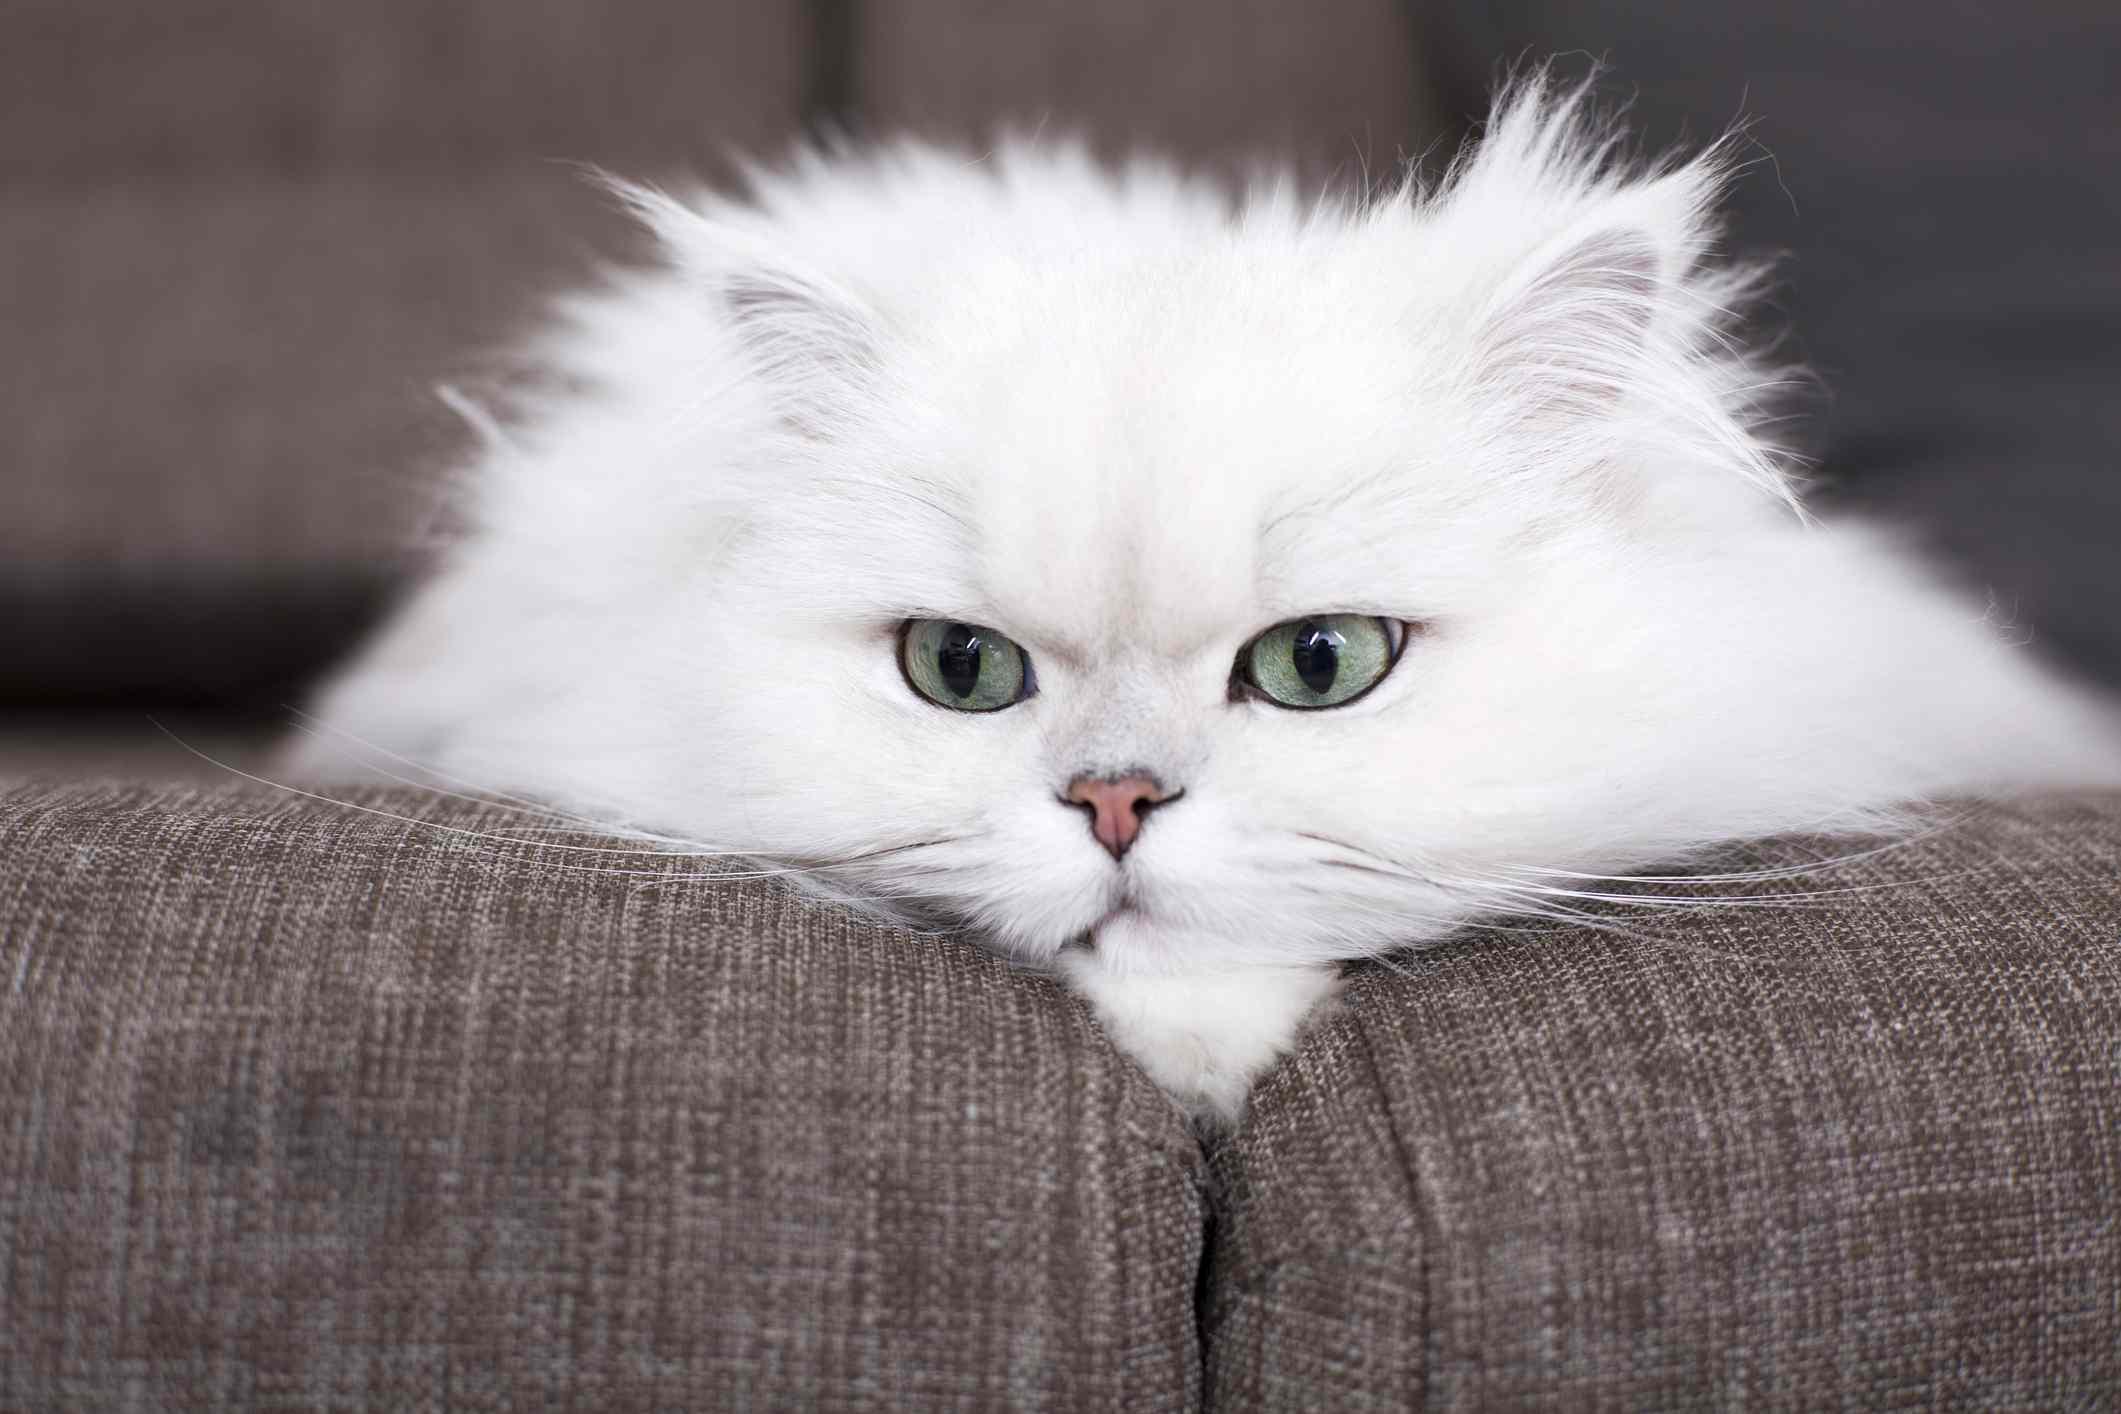 Cerca del gato persa blanco en el sofá